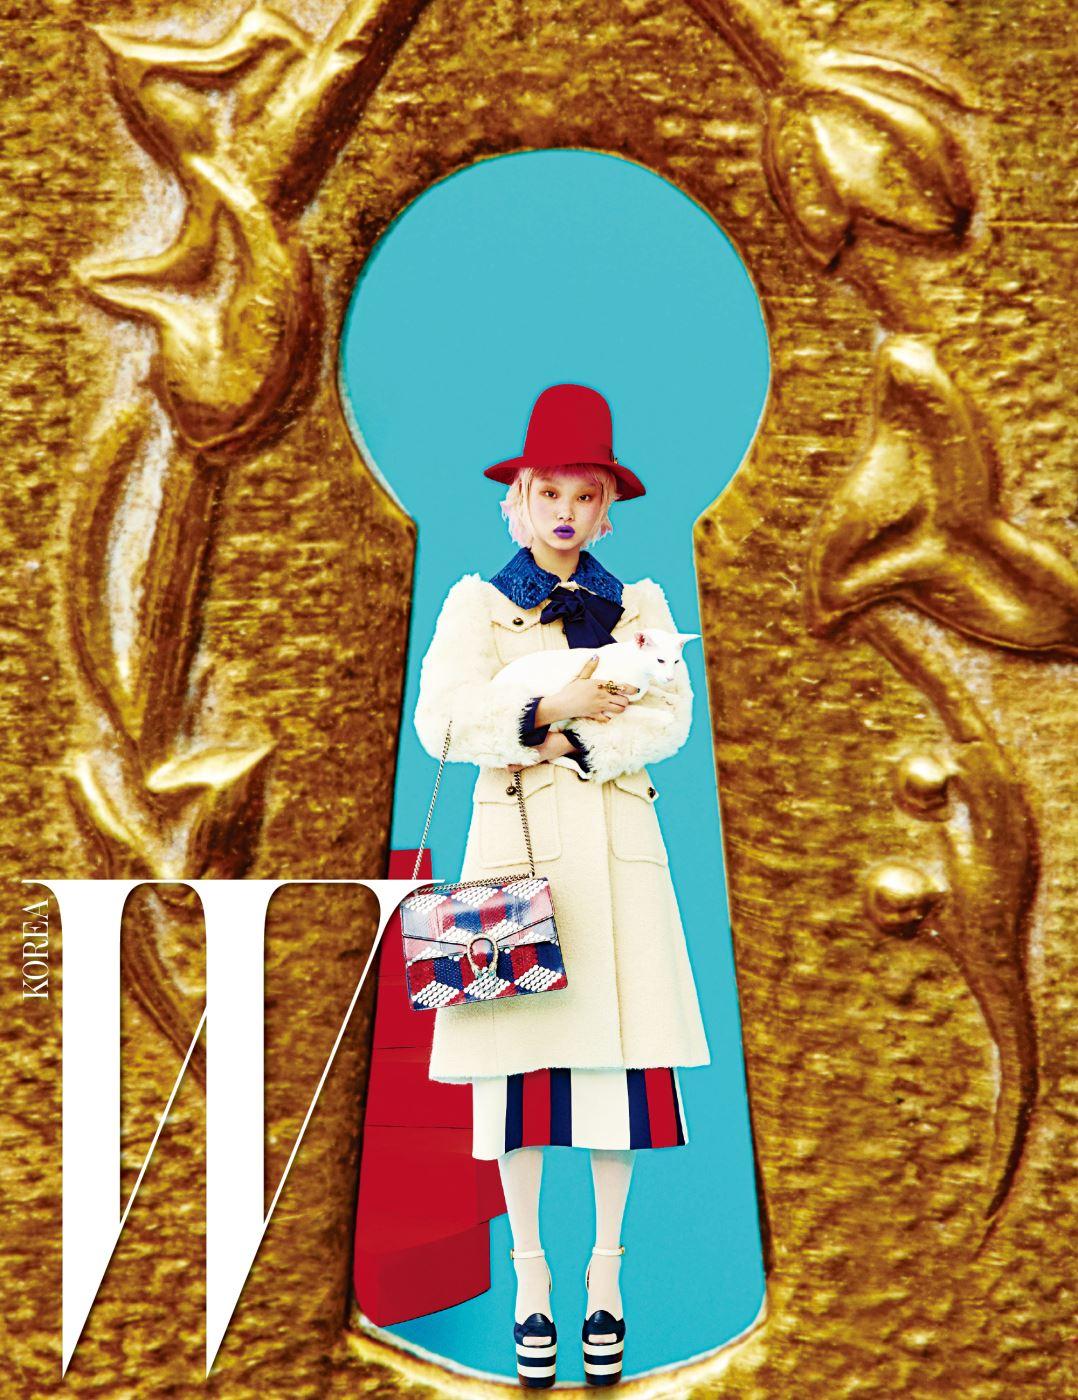 위트 있는 형태의 붉은색 펠트 모자, 보 장식의 푸른색 칼라를 더한 순백의 코트, 줄무늬 스커트, 크림색 타이츠, 플랫폼 샌들, 진주 장식 반지, 그리고 큐브 프린트의 디오니서스(Dionysus) 백은 모두 Gucci 제품.